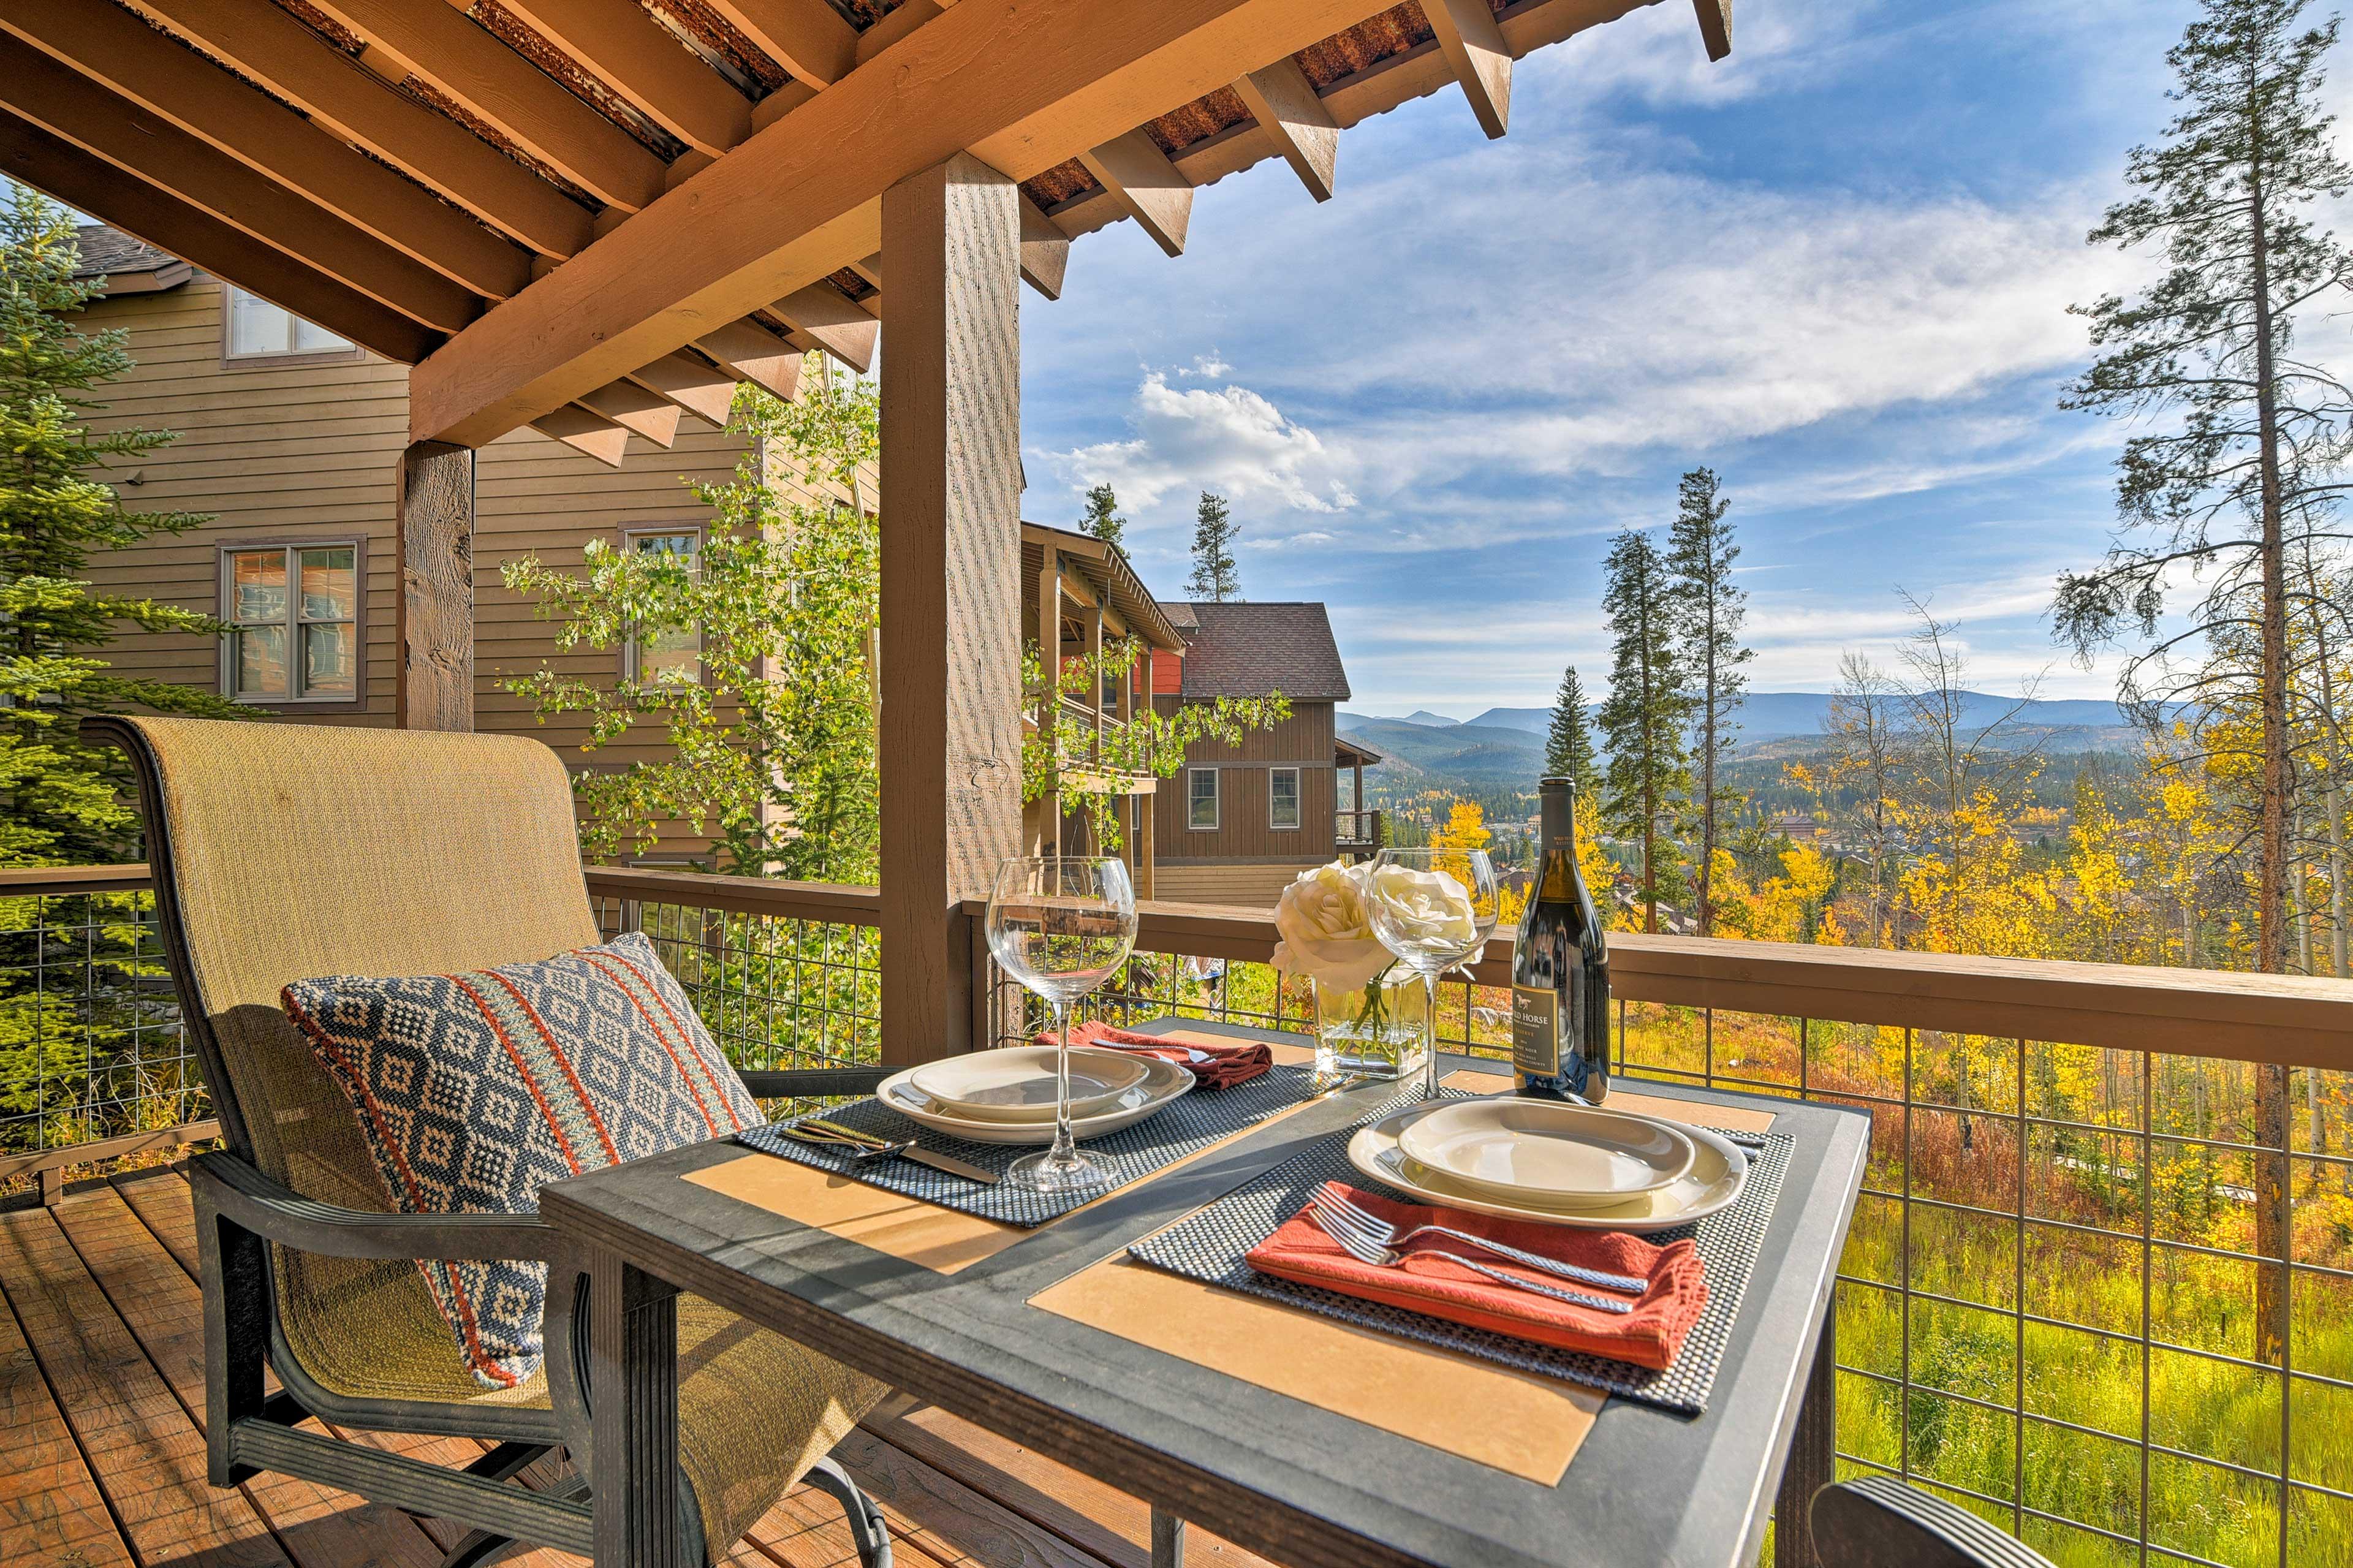 Winter Park awaits at this stunning vacation rental!